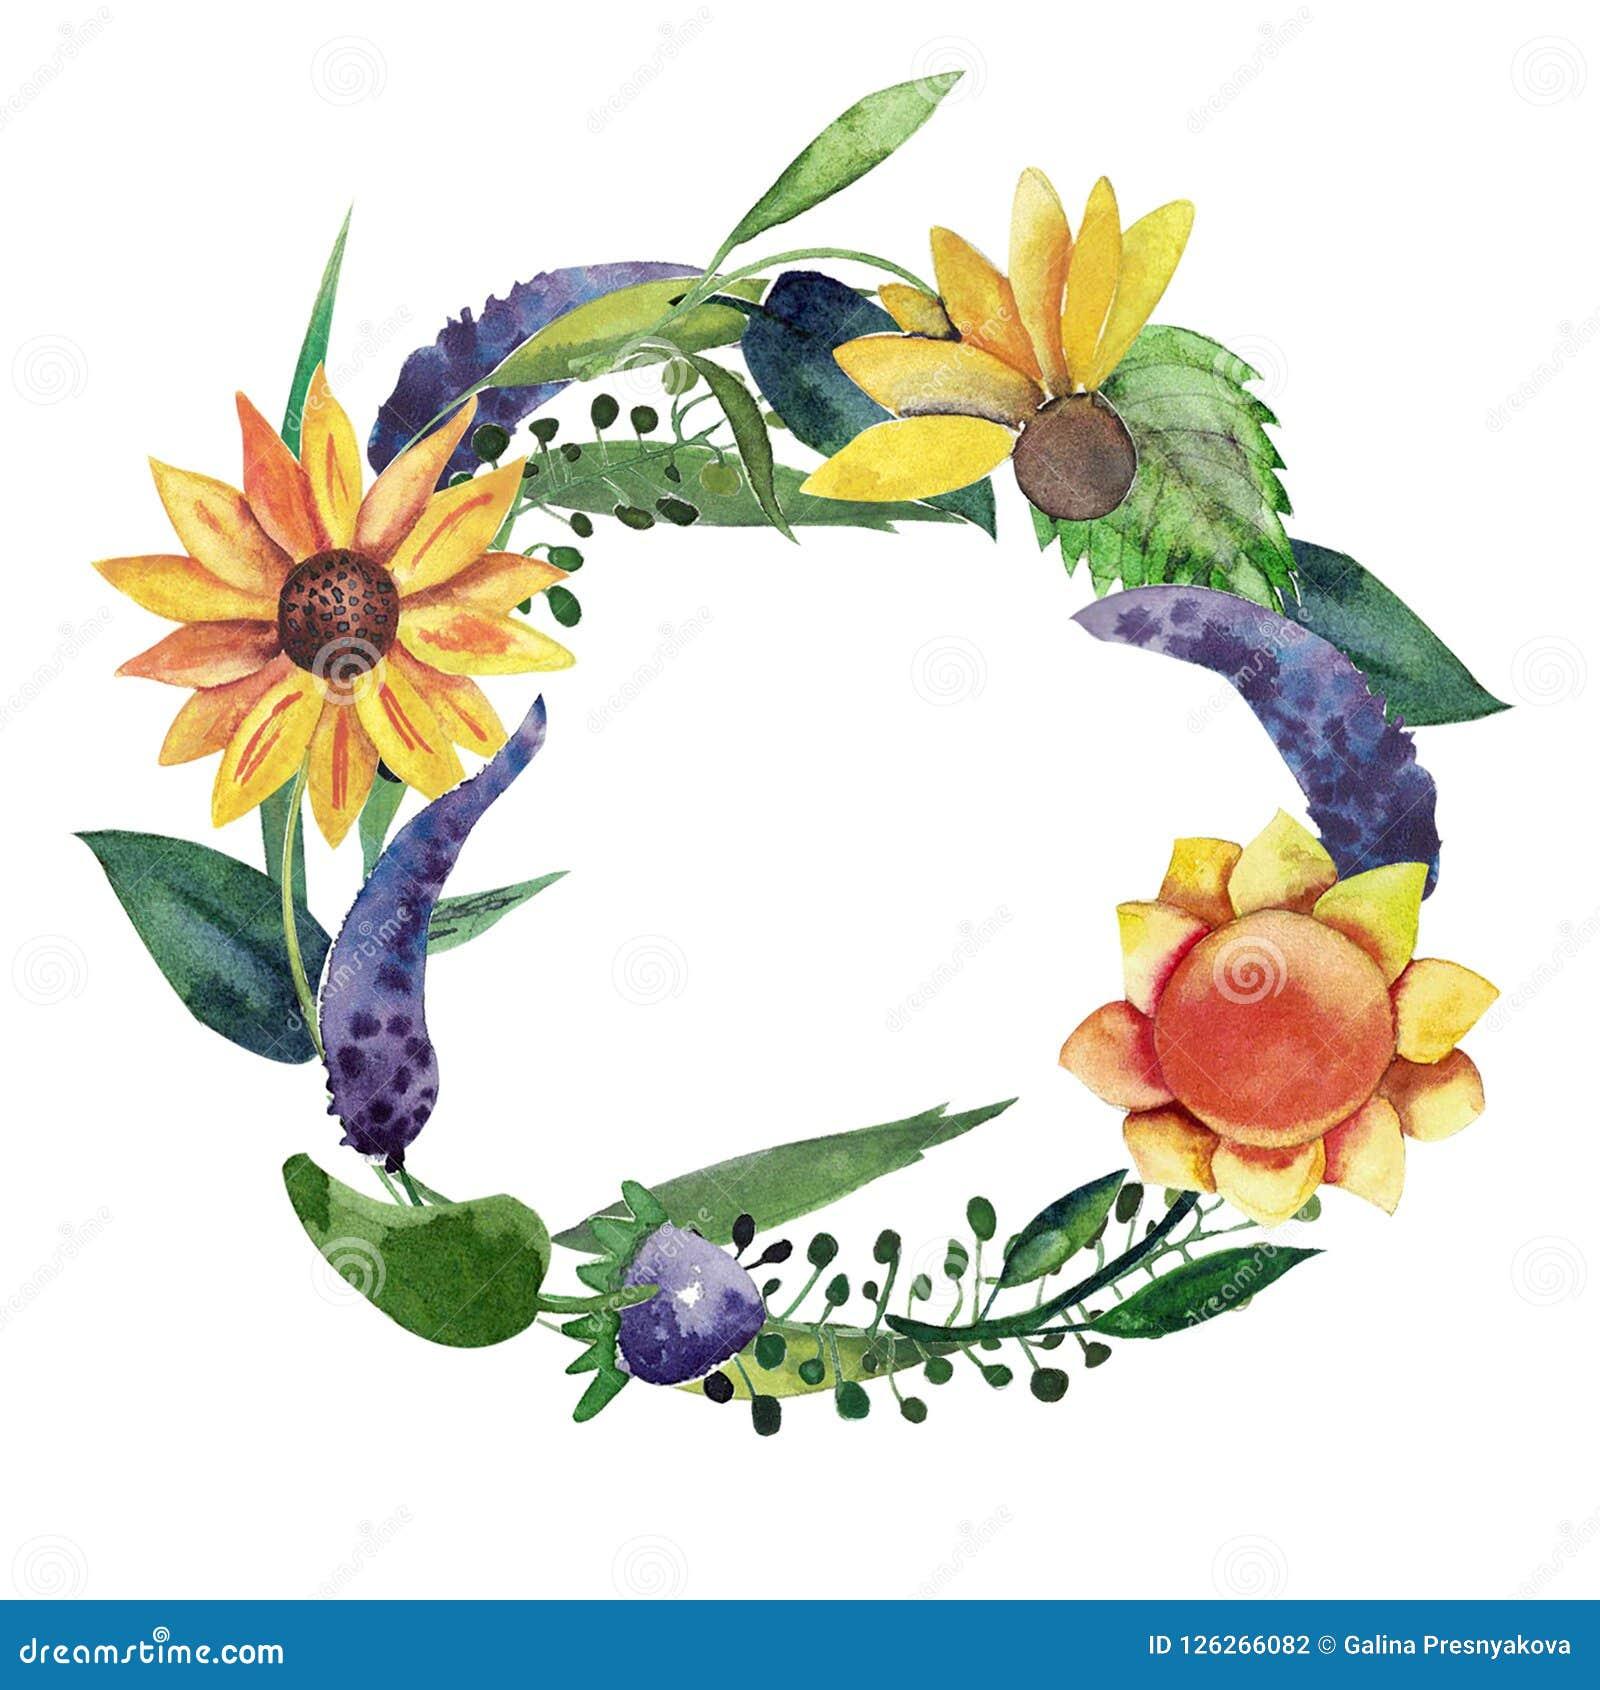 La acuarela aisló la guirnalda con los girasoles, las flores violetas, las hojas y las hierbas